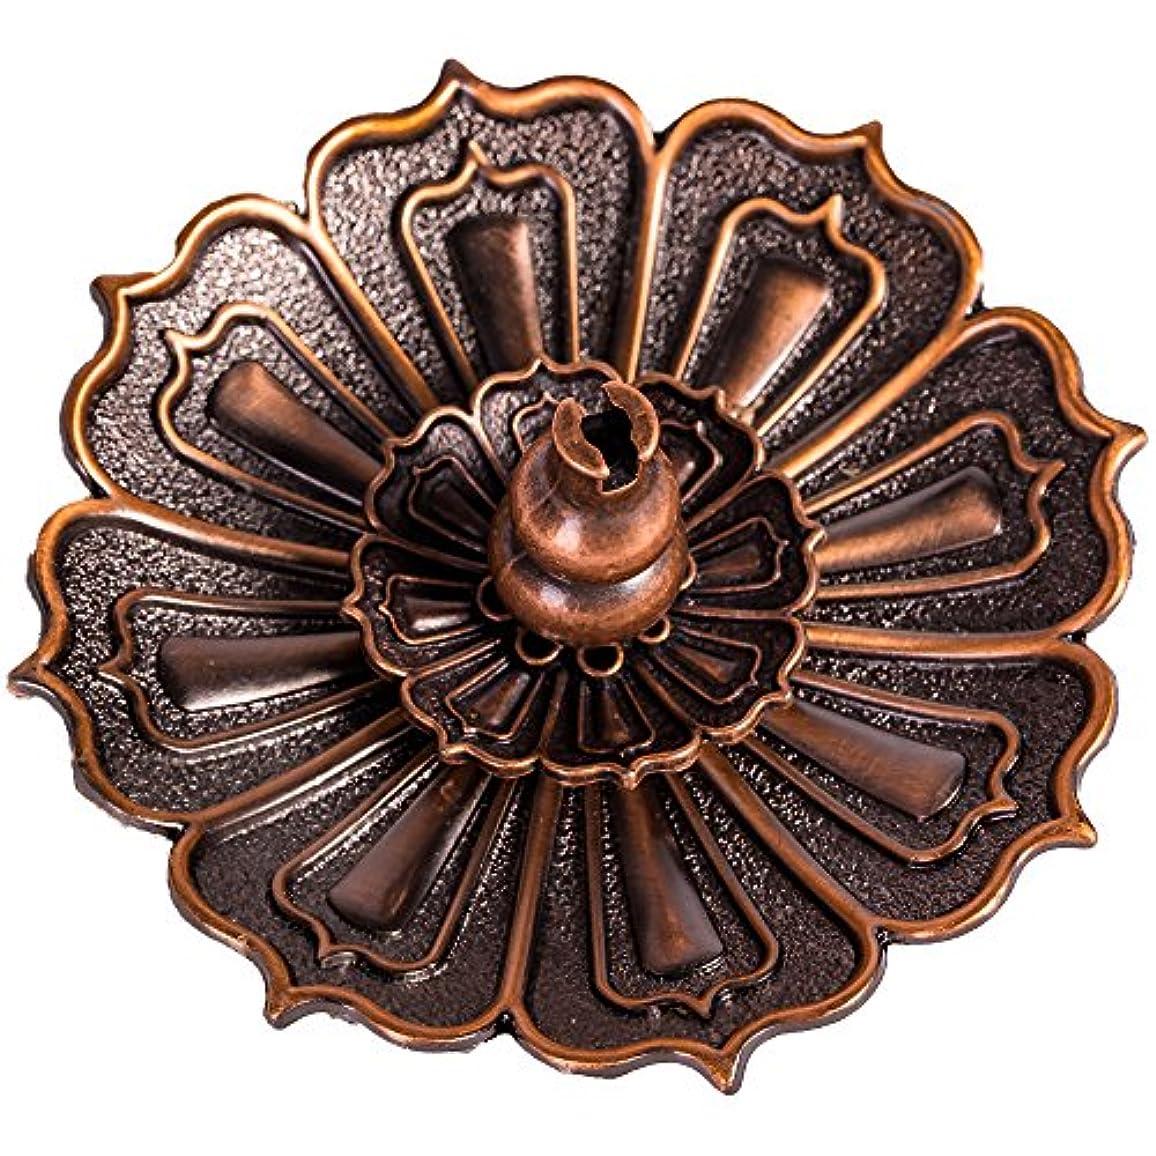 素人申請中近似shanbentangロータス香炉ホルダーfor Sticks Cones Coils Incense、ヴィンテージスタイル、銅色